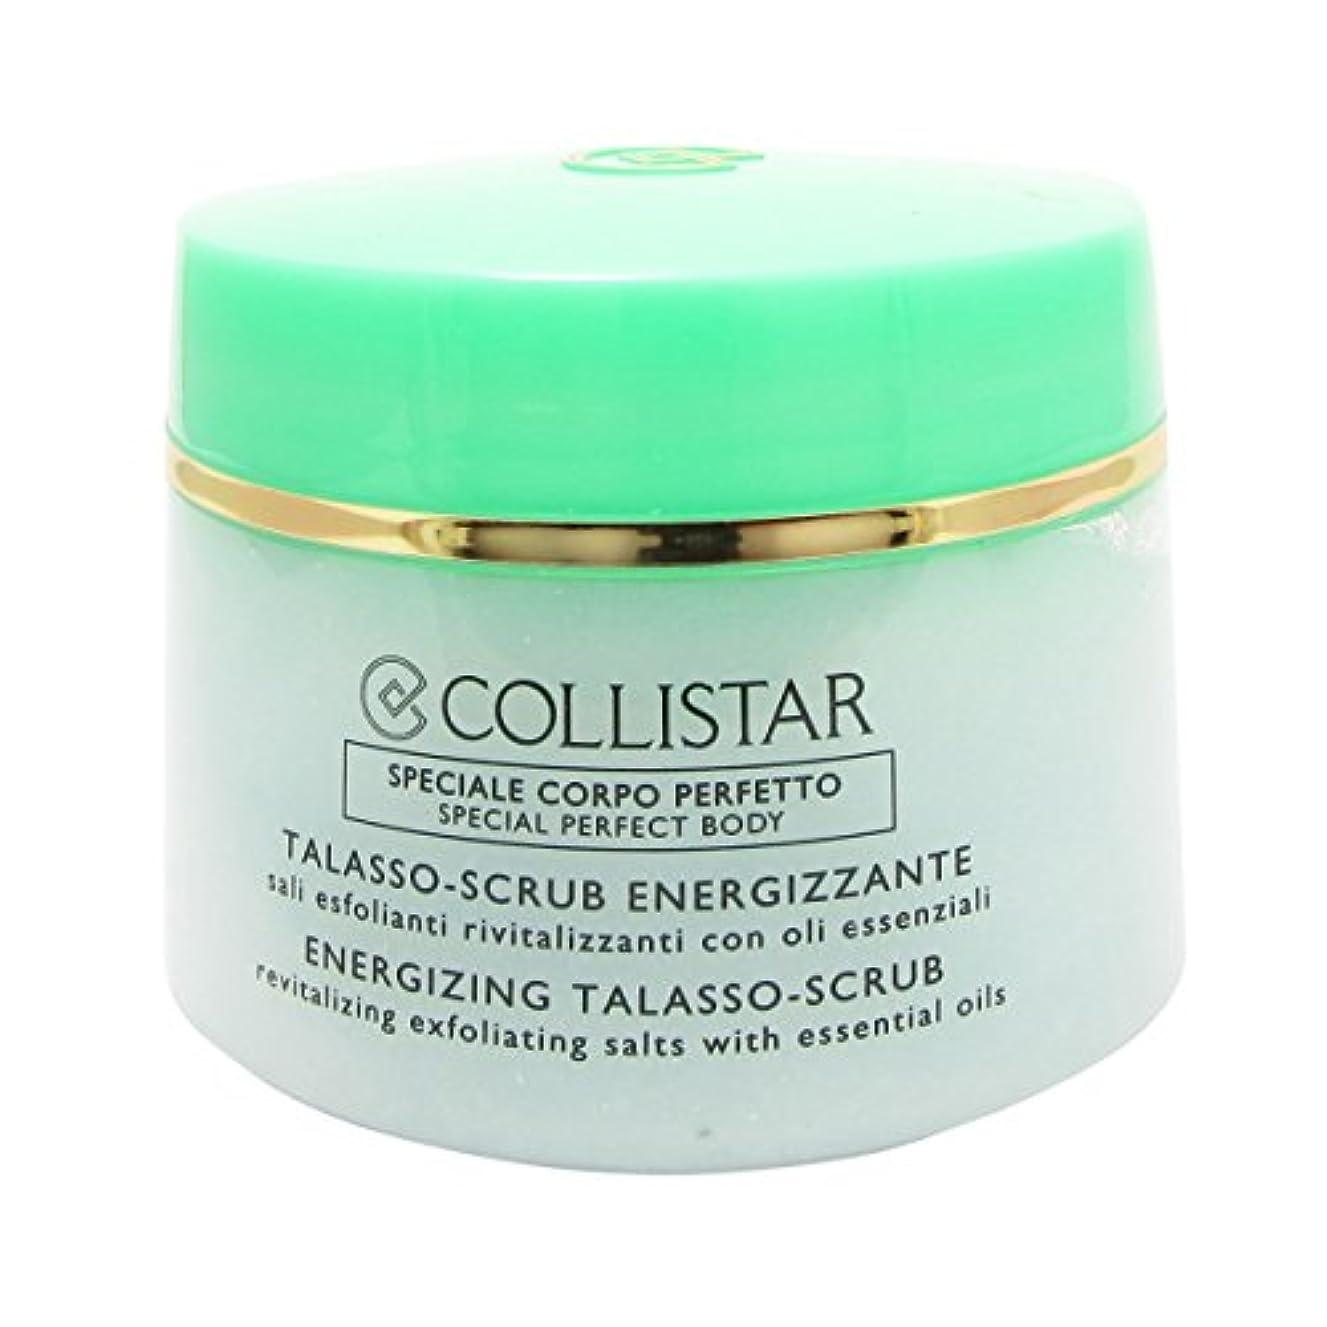 ブリリアント冷蔵する作りますCollistar Special Perfect Body Energizing Talasso-scrub 700gr [並行輸入品]